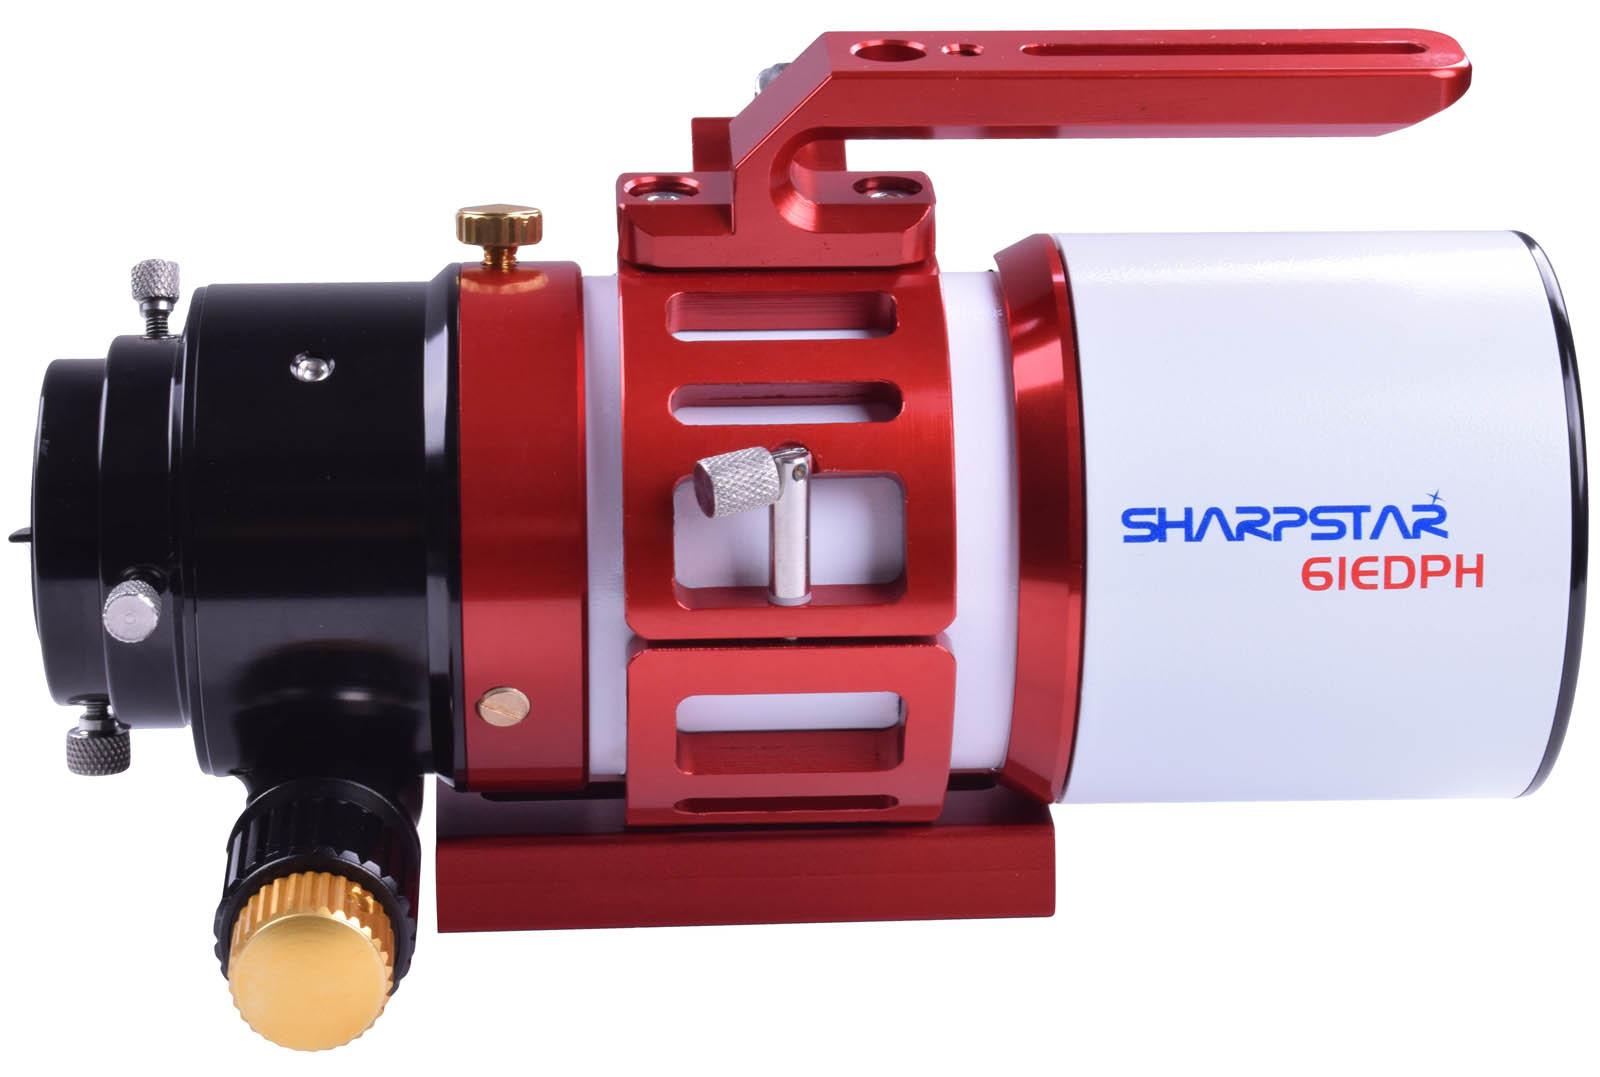 SharpStar 61EDPH Mk II ED Triplet Apochromatic Refractor Telescope